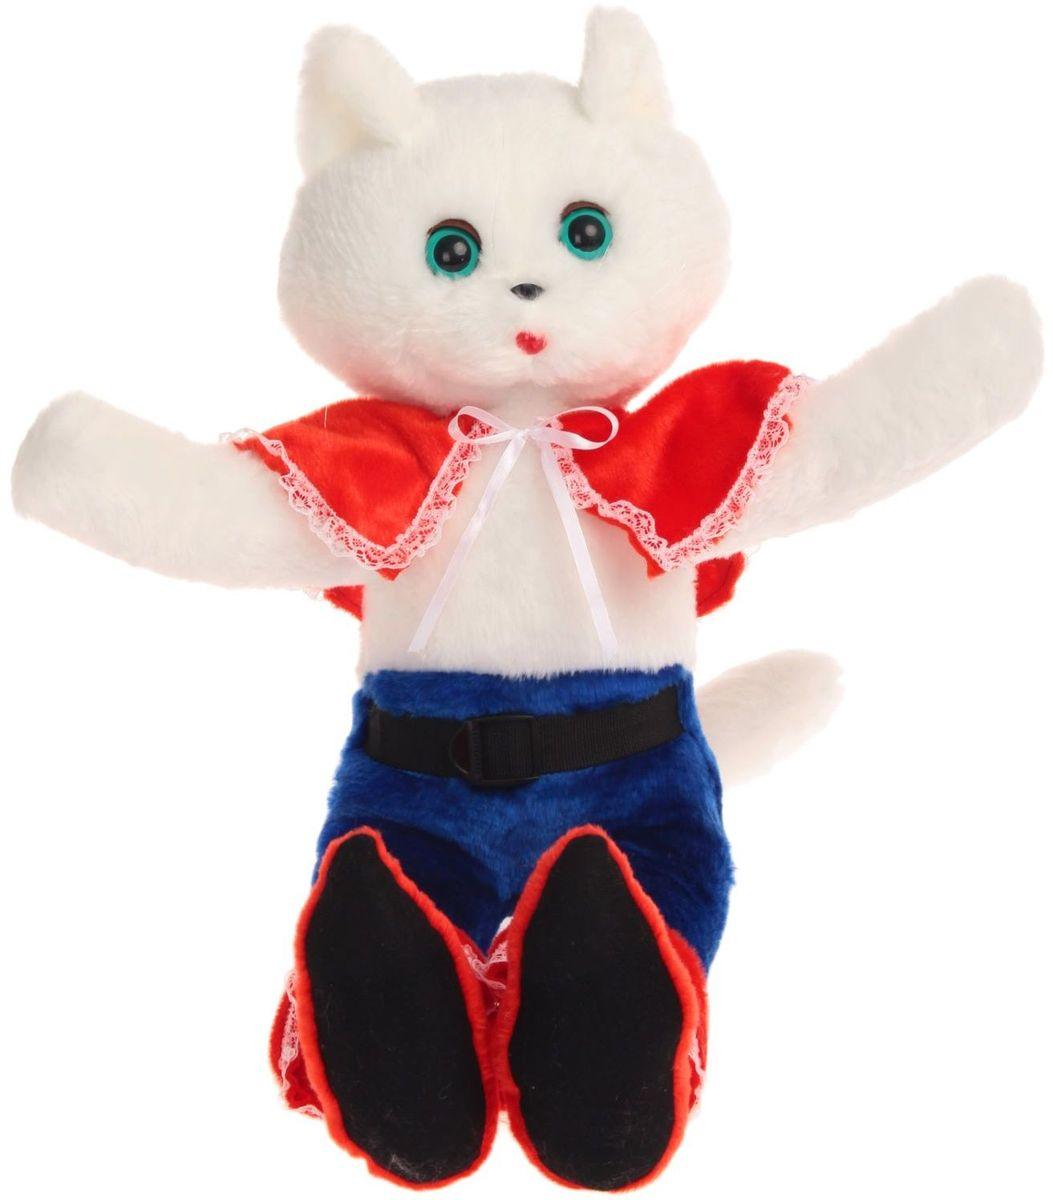 Радомир Мягкая игрушка Кот Маркиз 62 см радомир мягкая игрушка собака дог 66 см 2008876